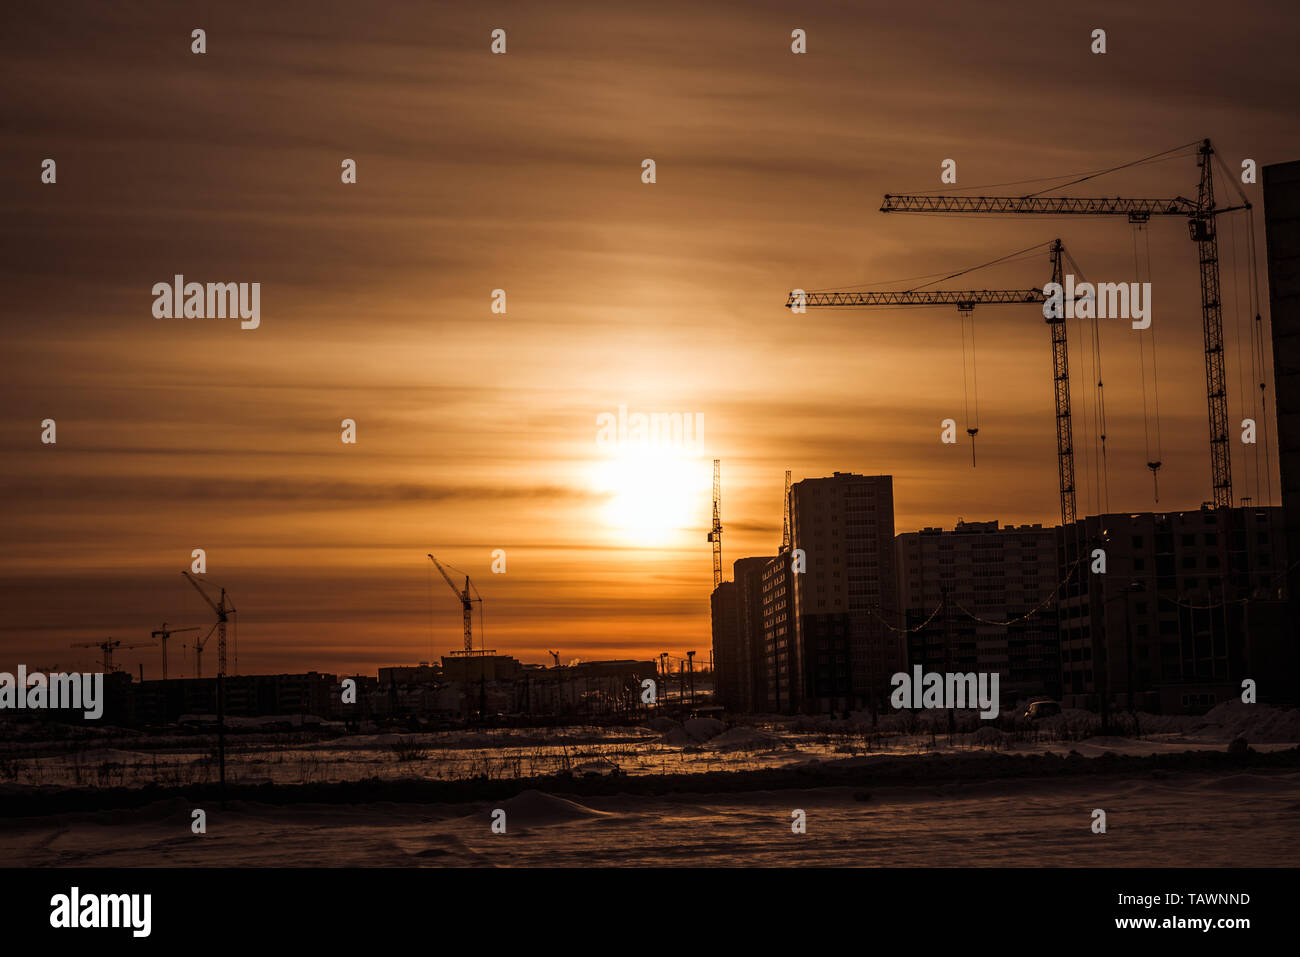 La construction de nouveaux appartements et les grues de construction / Construction d'immeuble de grande hauteur et les grues de construction Banque D'Images